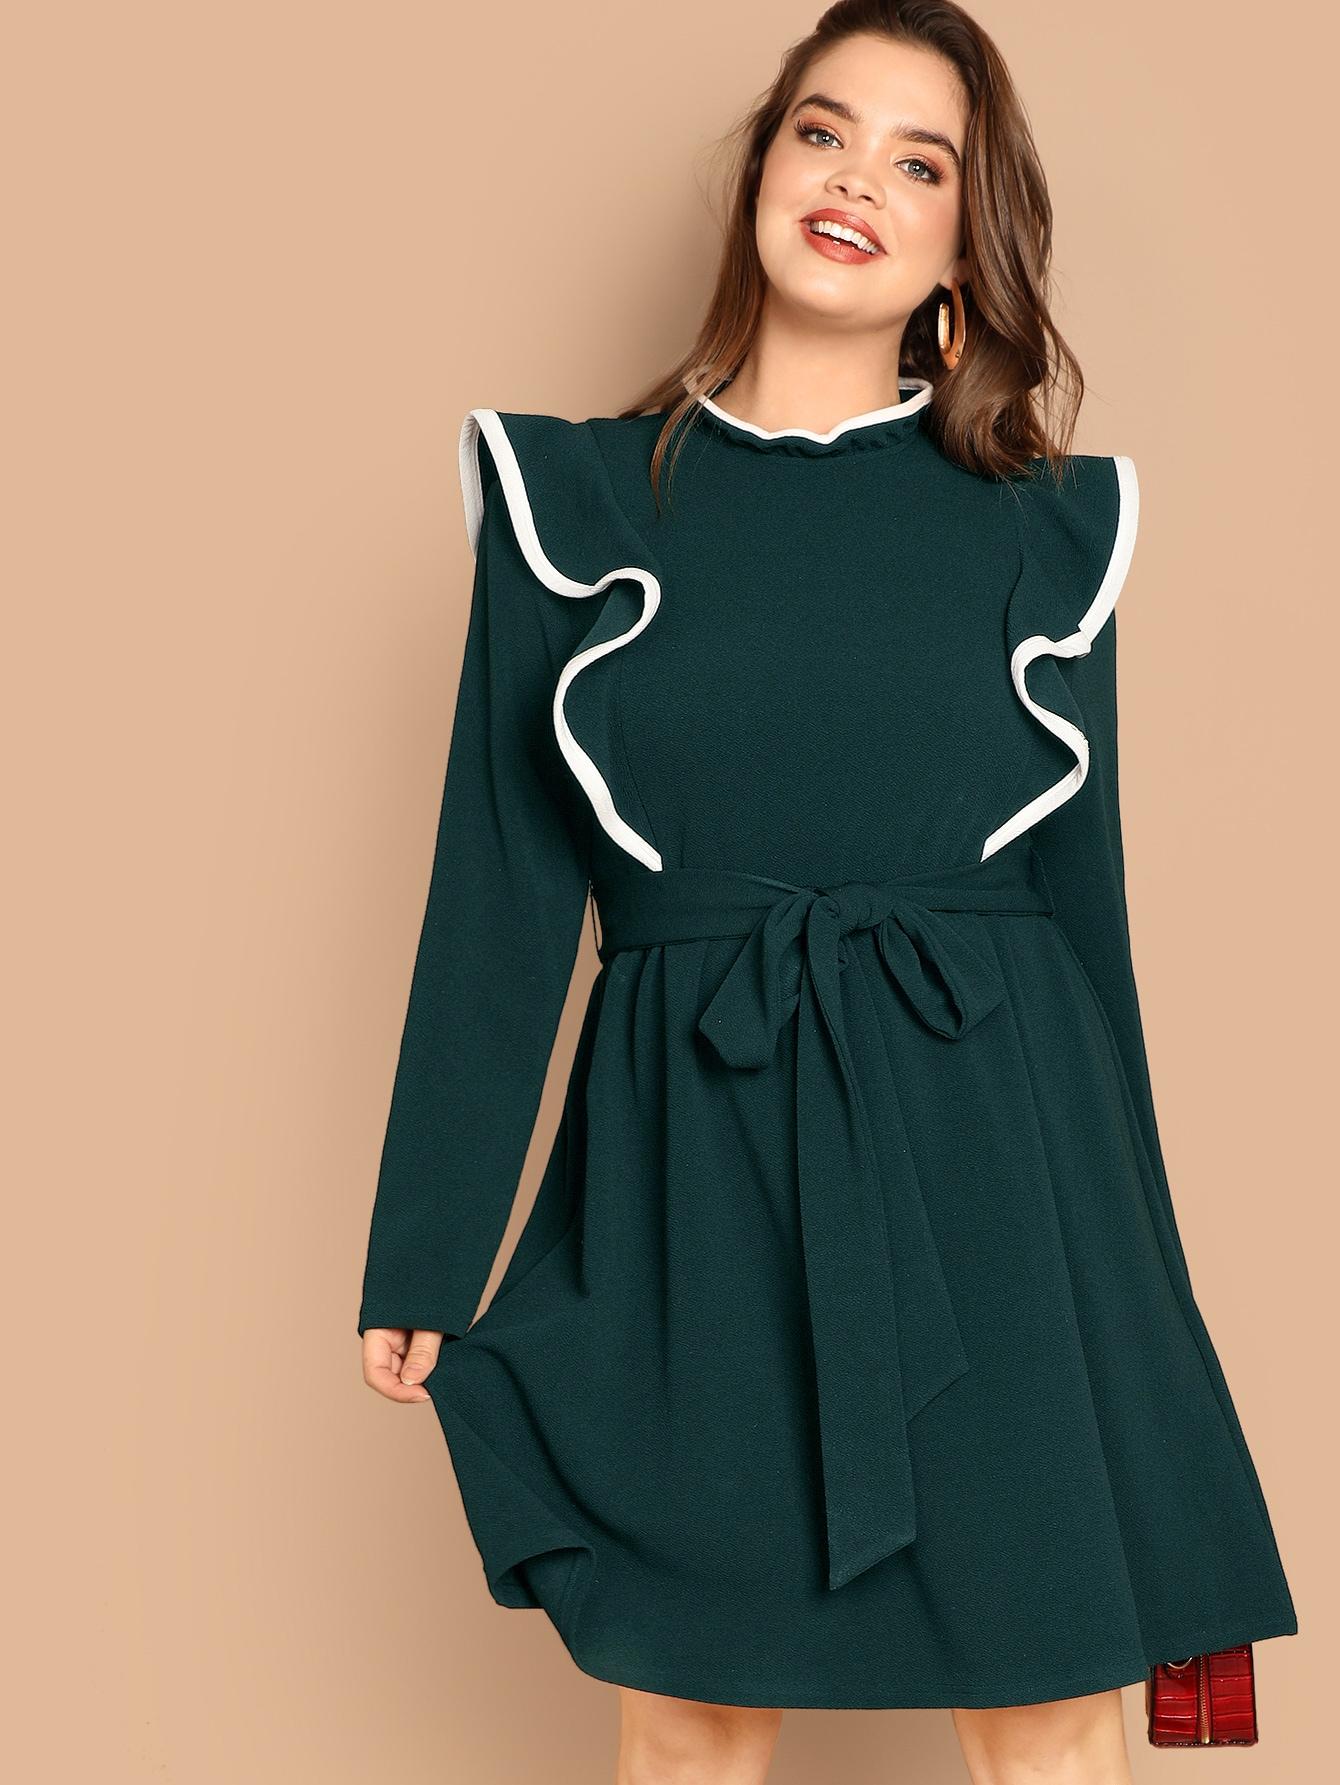 Размер плюс платье с поясом на застежке сзади